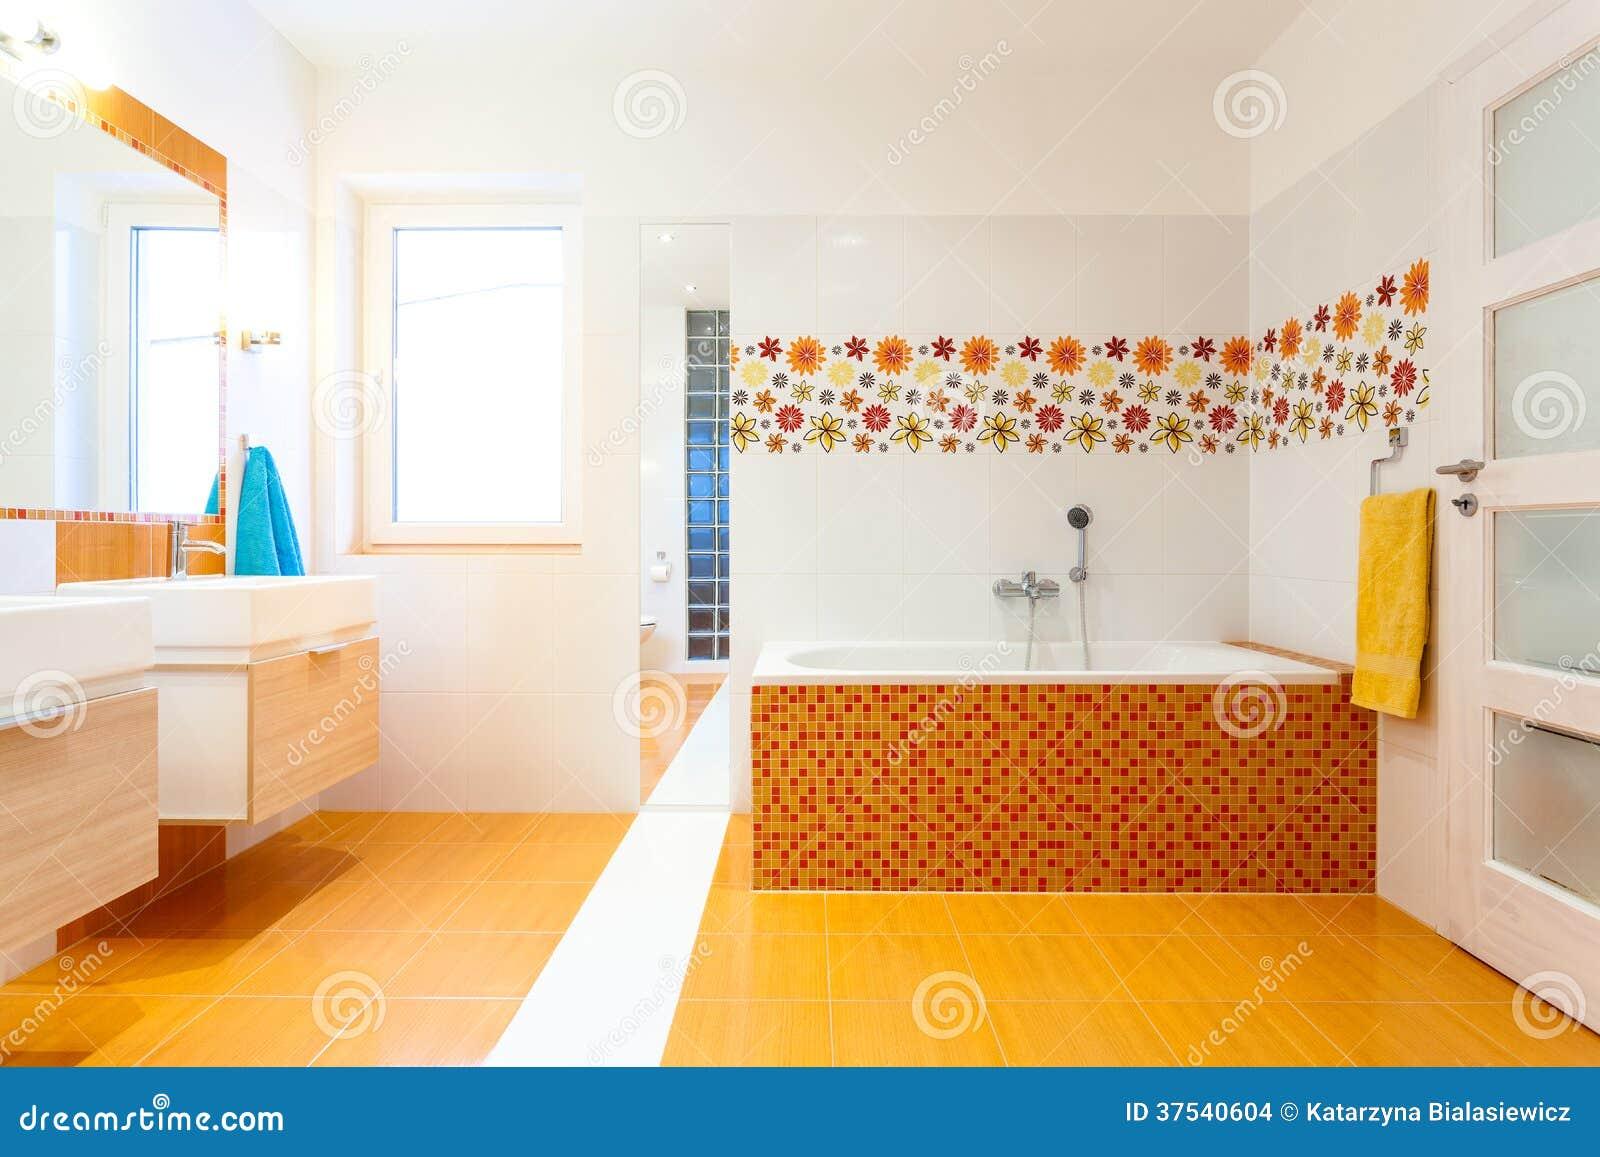 neues zeitgen ssisches badezimmer mit orange fliesen stockbilder bild 37540604. Black Bedroom Furniture Sets. Home Design Ideas